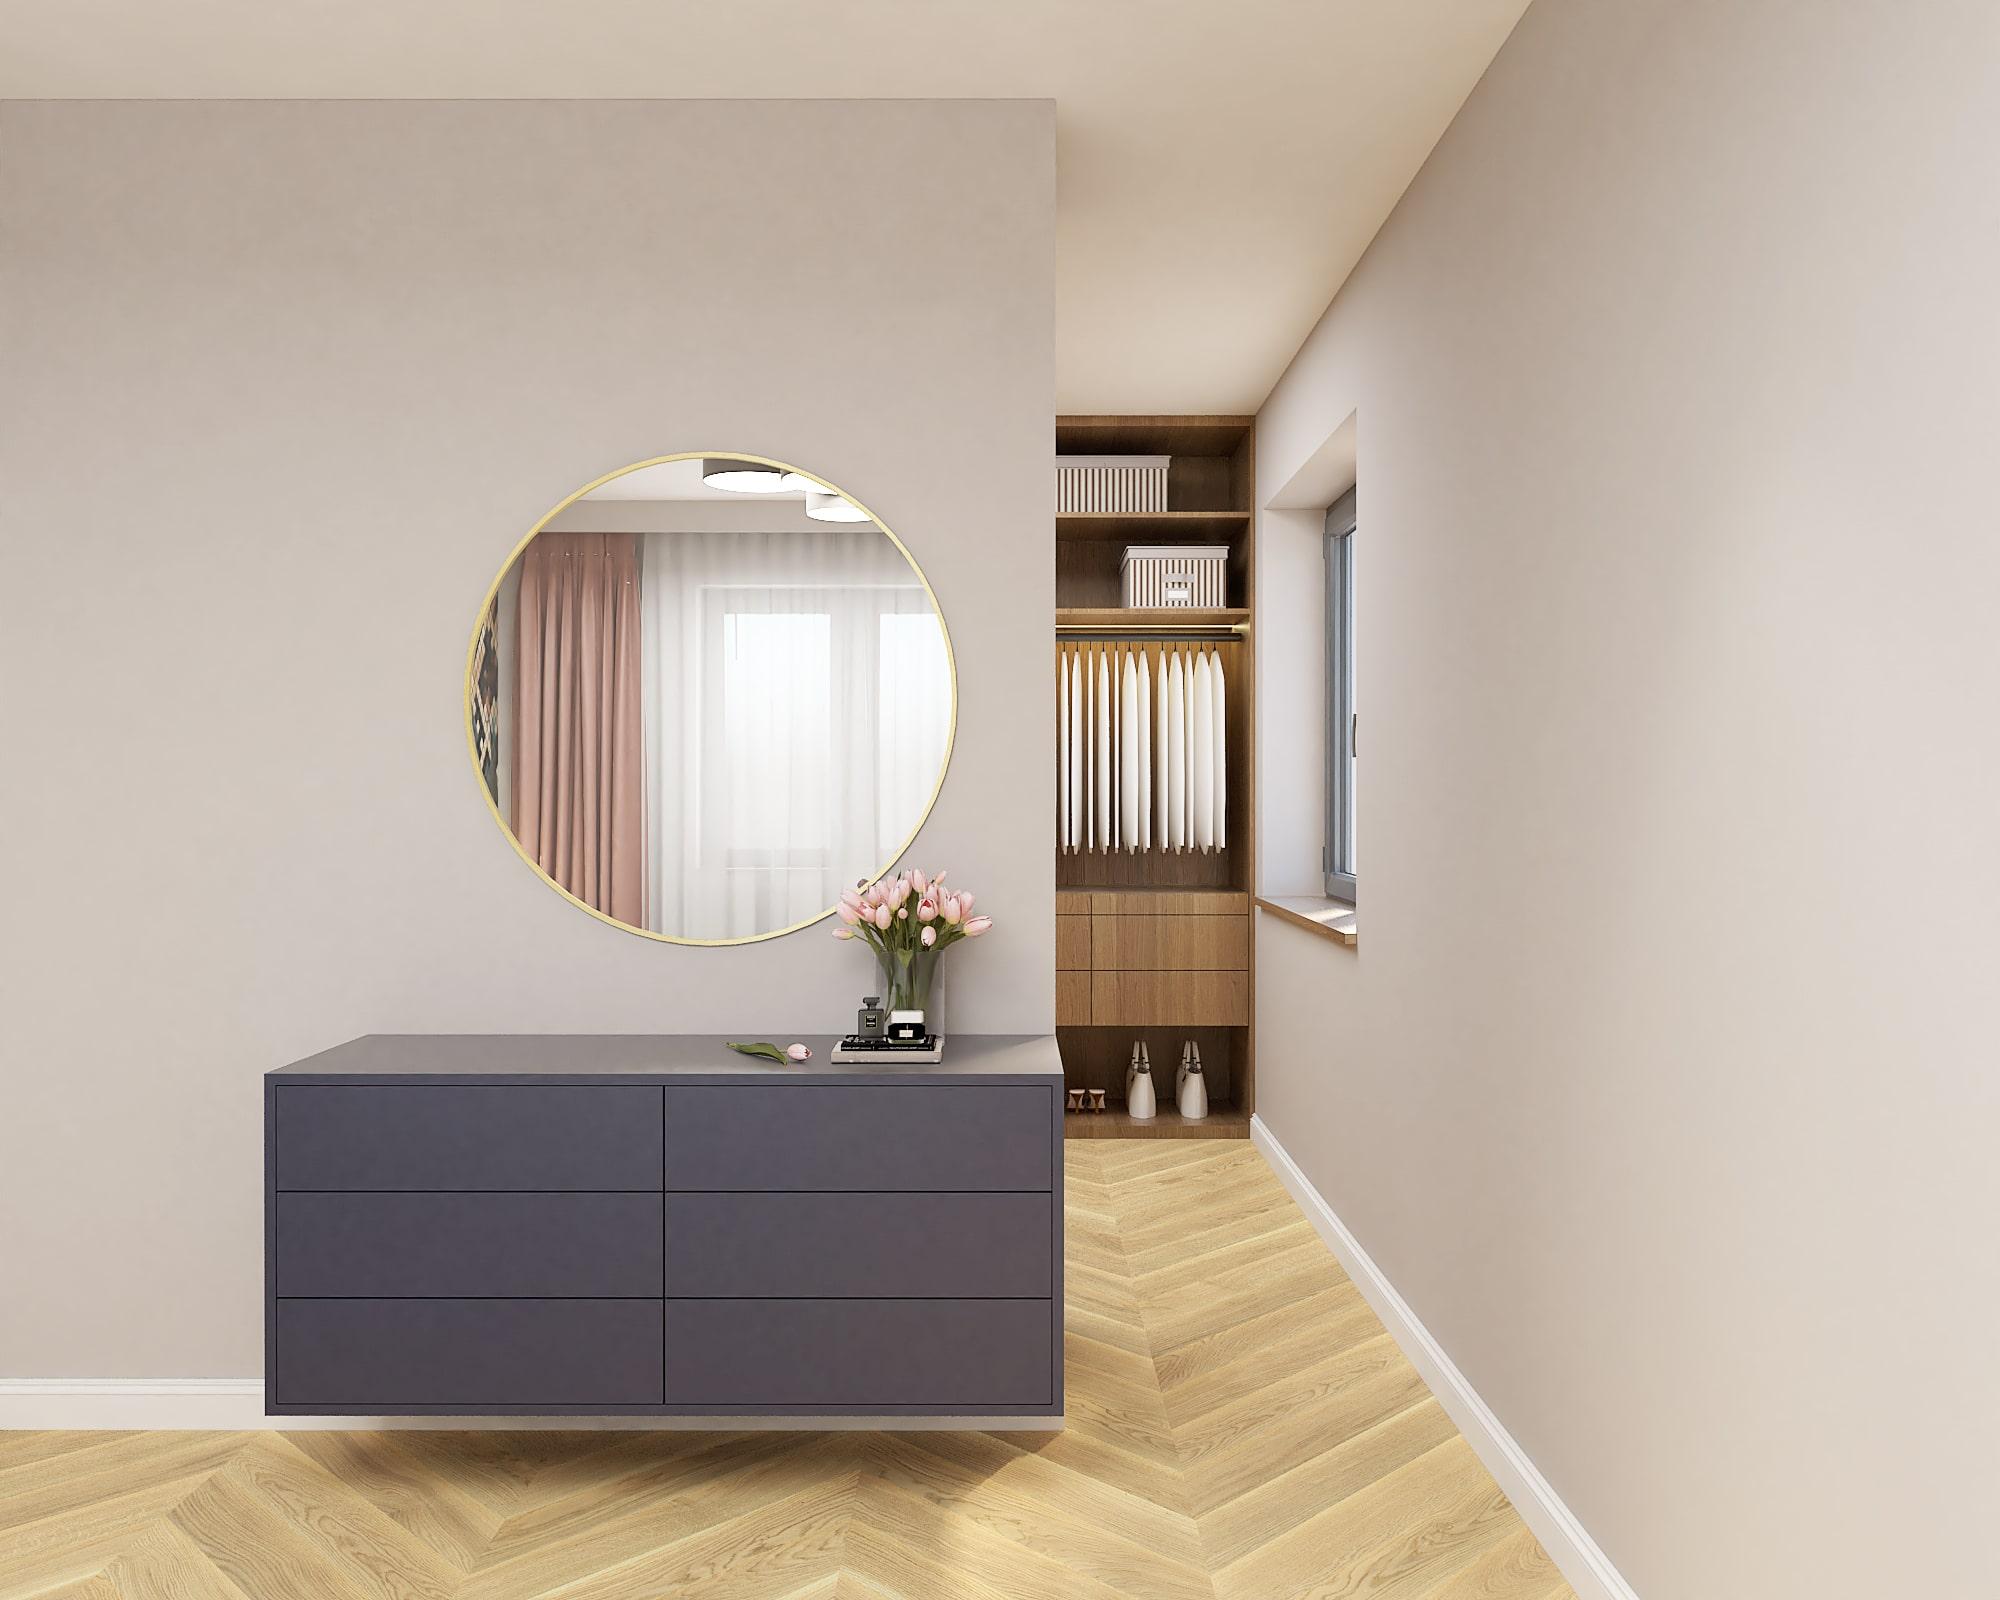 dom-jednorodzinny-inwald-9